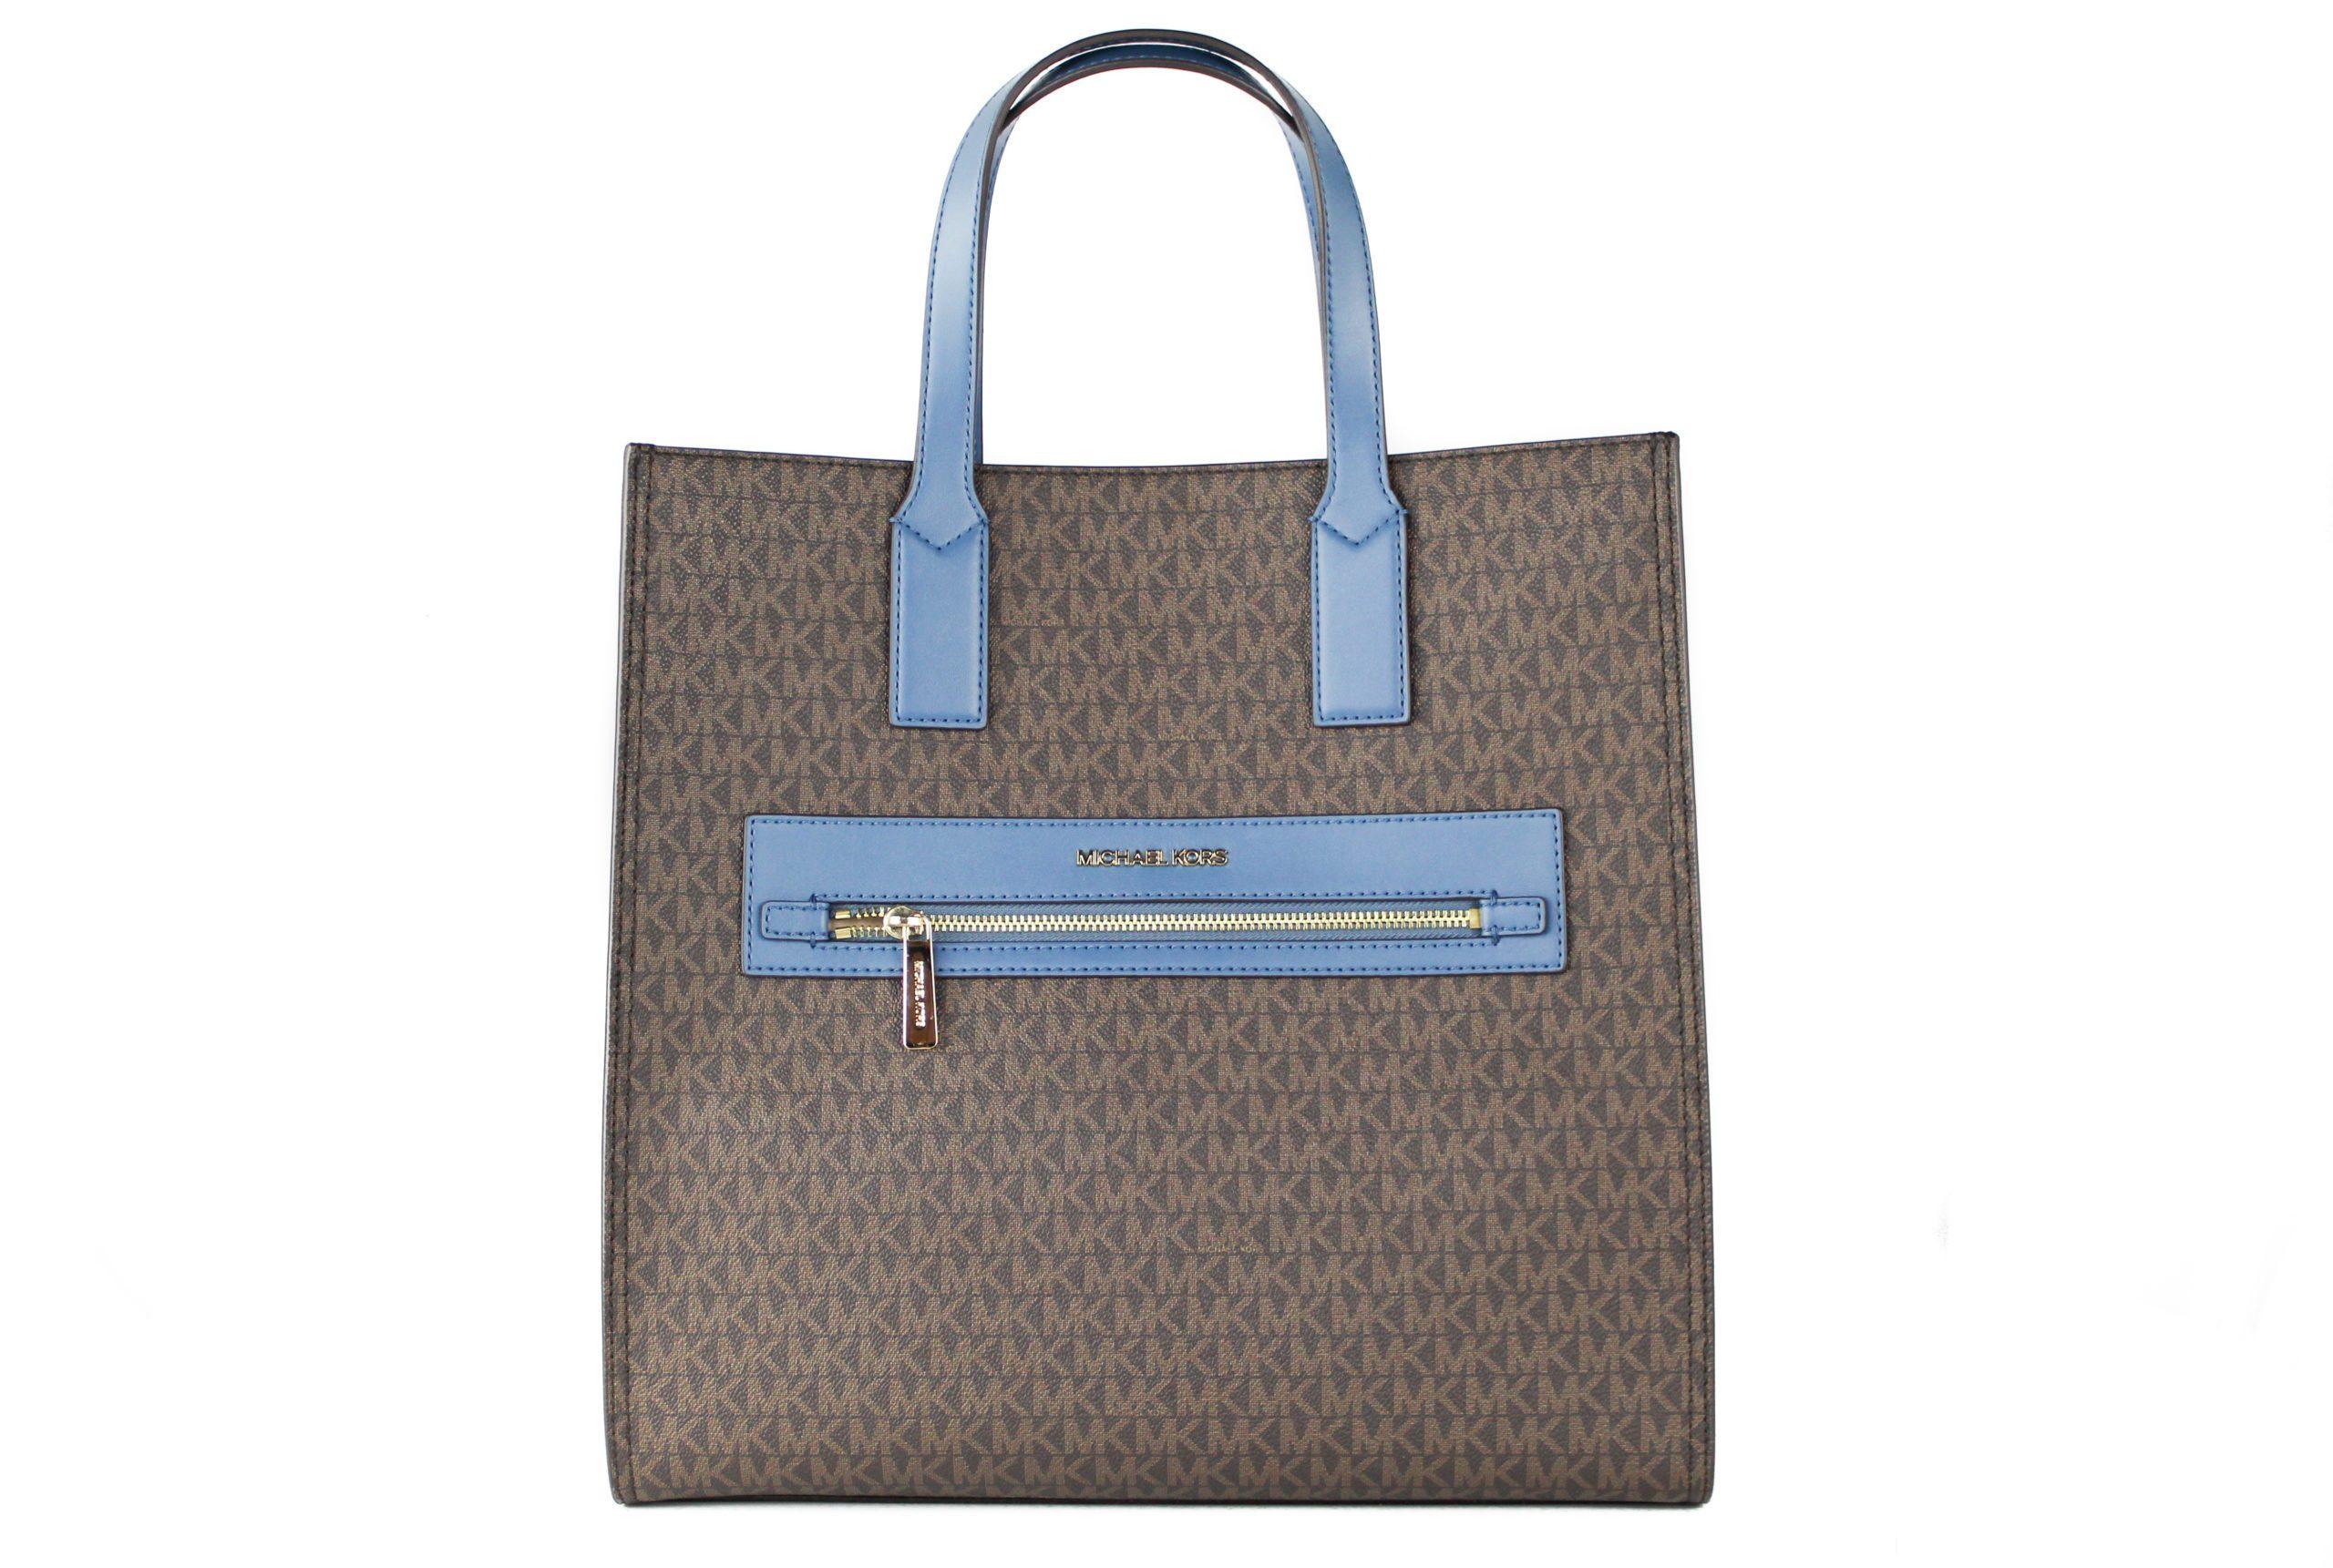 Michael Kors Women's Kenly Tote Bag Gray 81570